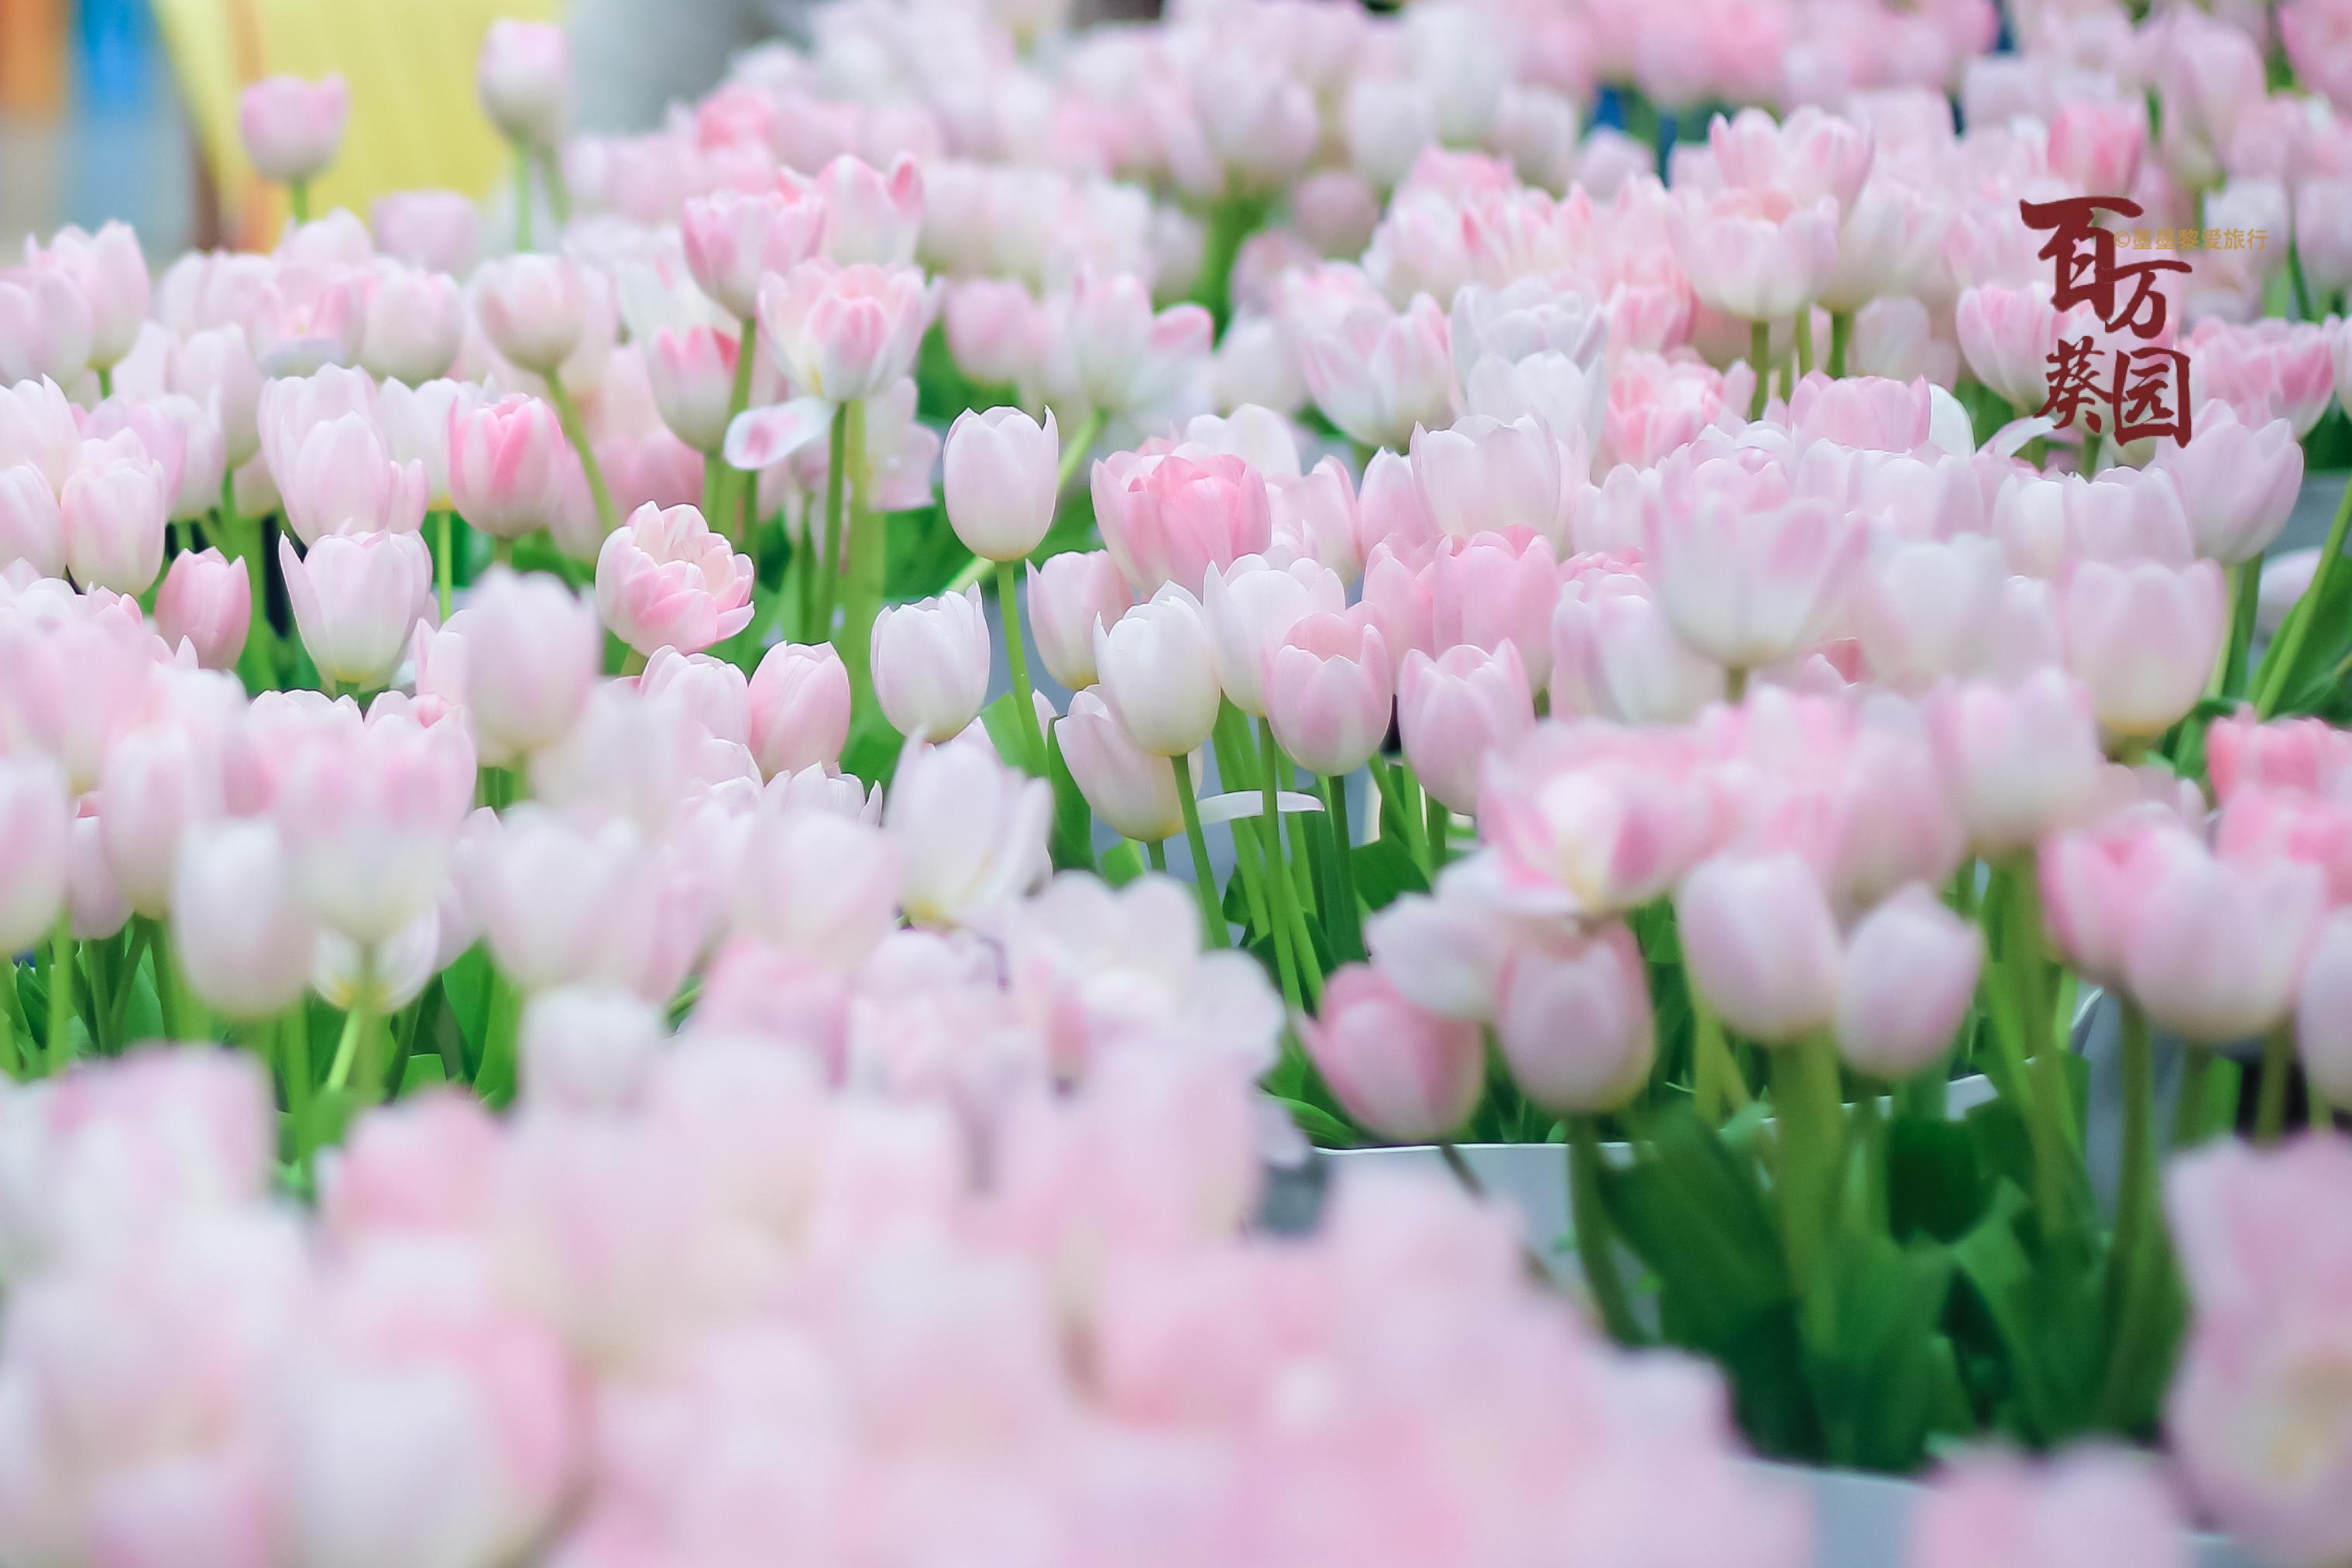 广州赏花之旅推荐,郁金香,薰衣草,英伦玫瑰,让你沉浸在花的海洋